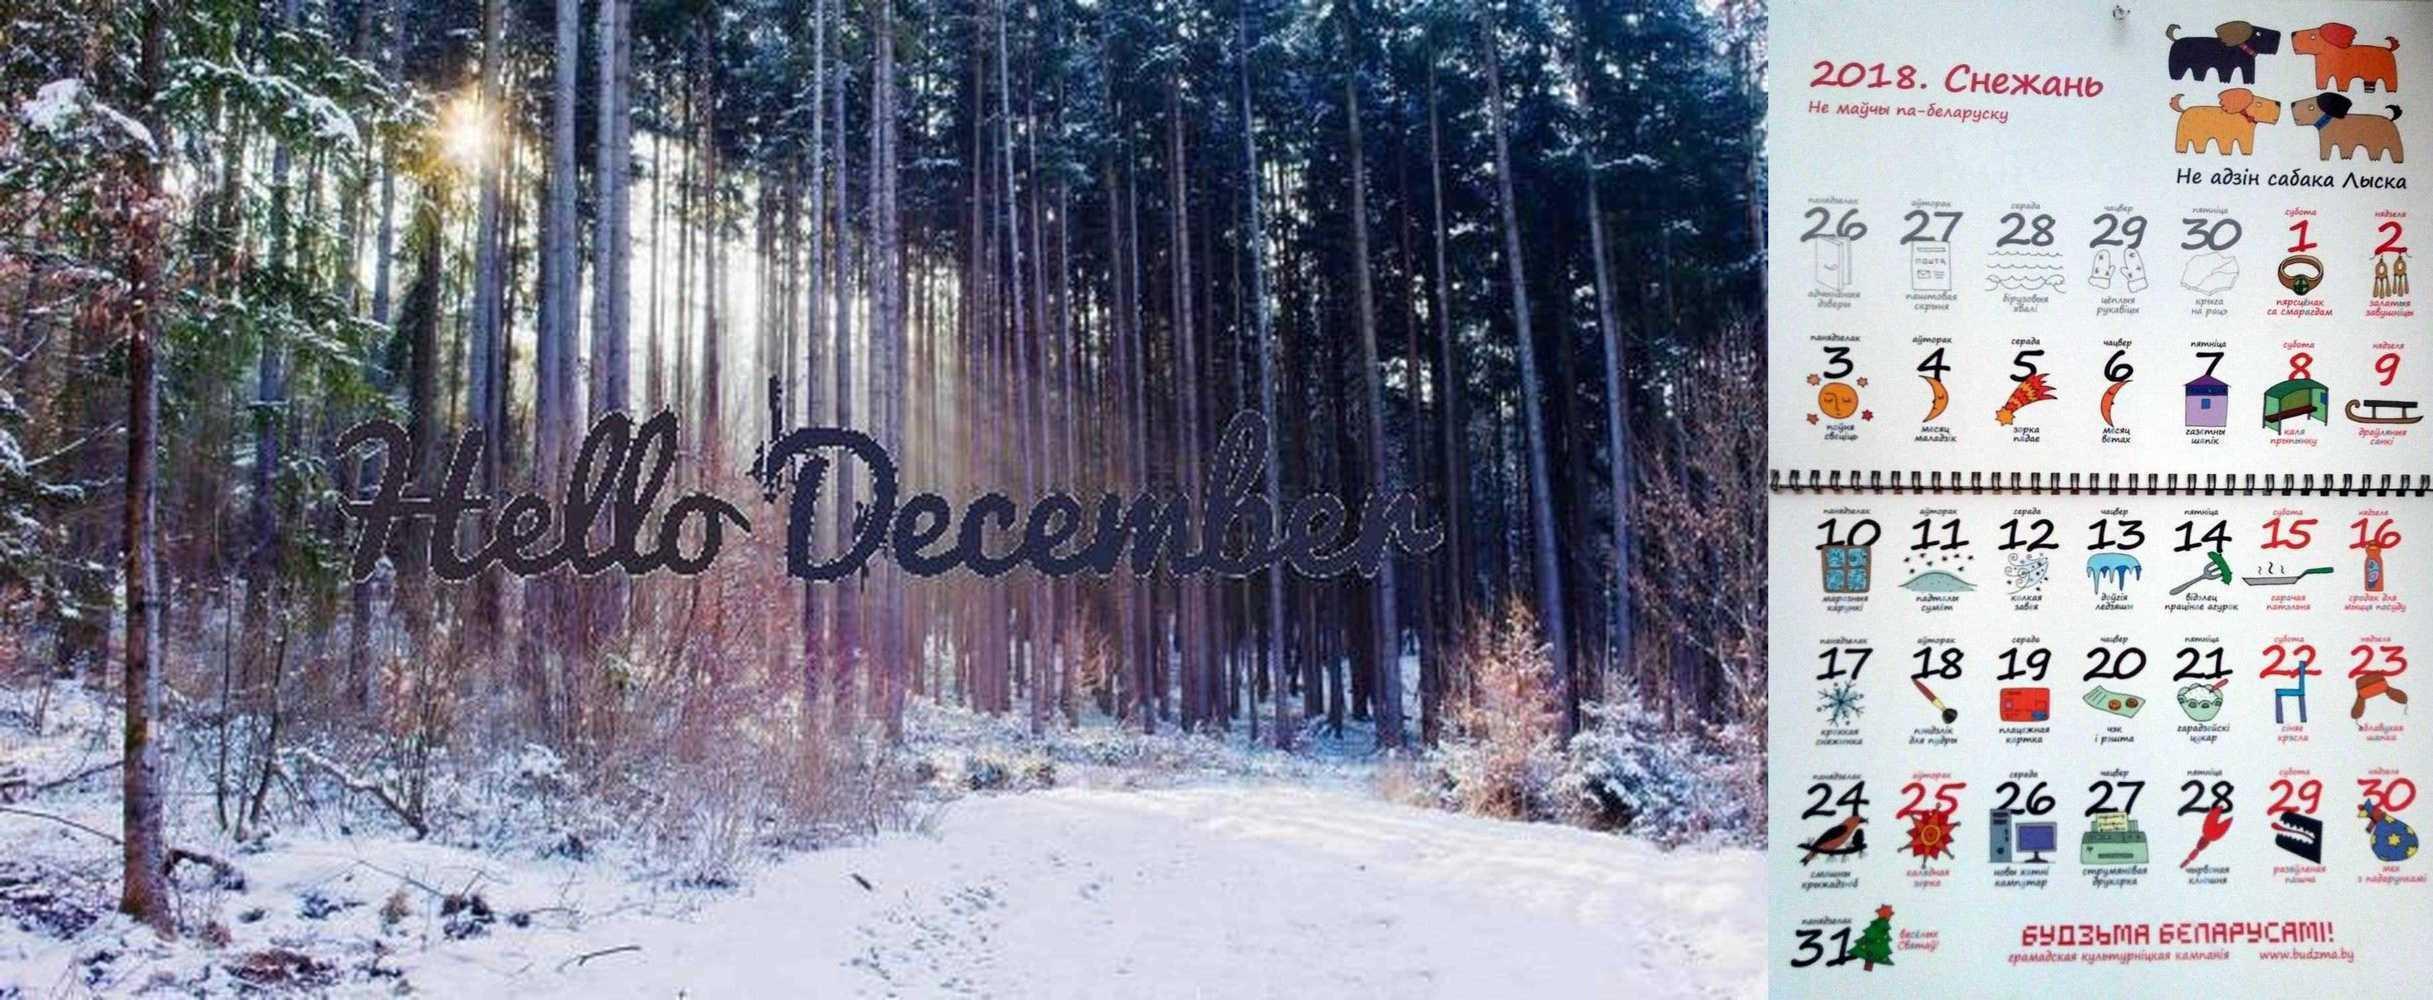 *** Астрологический прогноз декабрь грудень снежень 2018 Тантра-Джйотиш Ведическая астрология ***